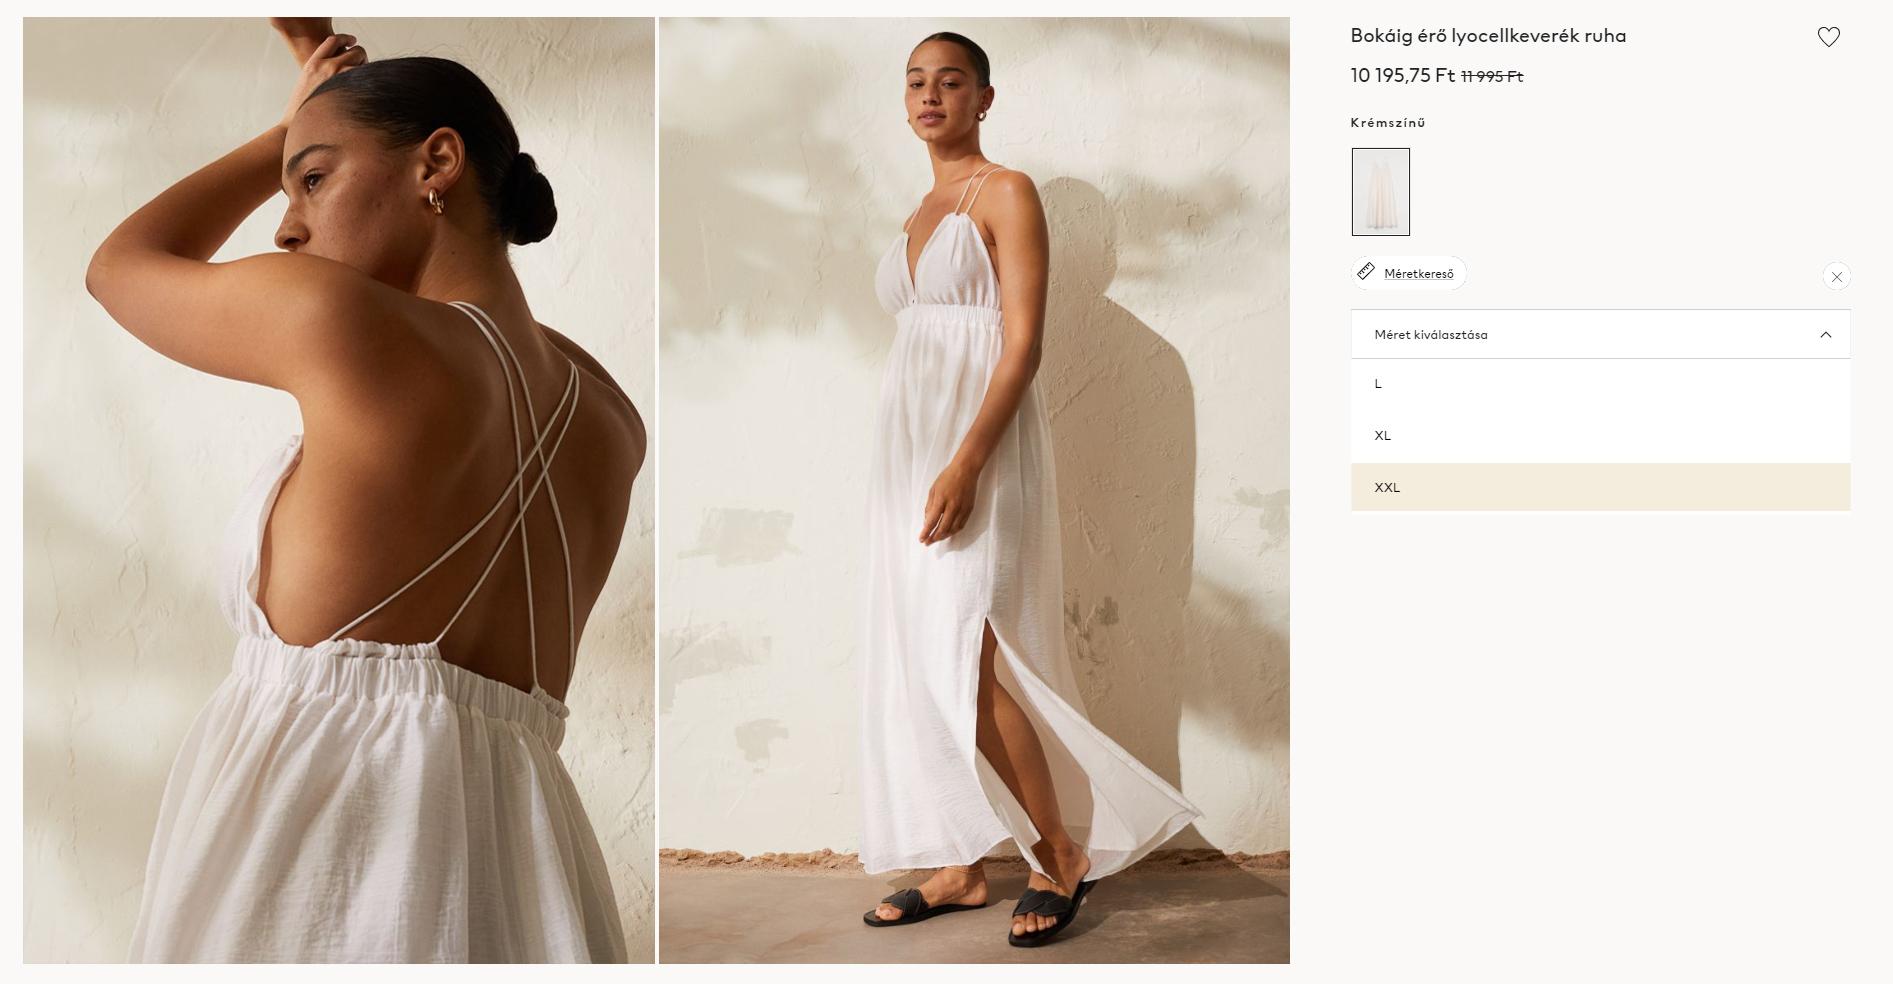 Nagy méret van, de vajon a ruha szabása megfelelő?